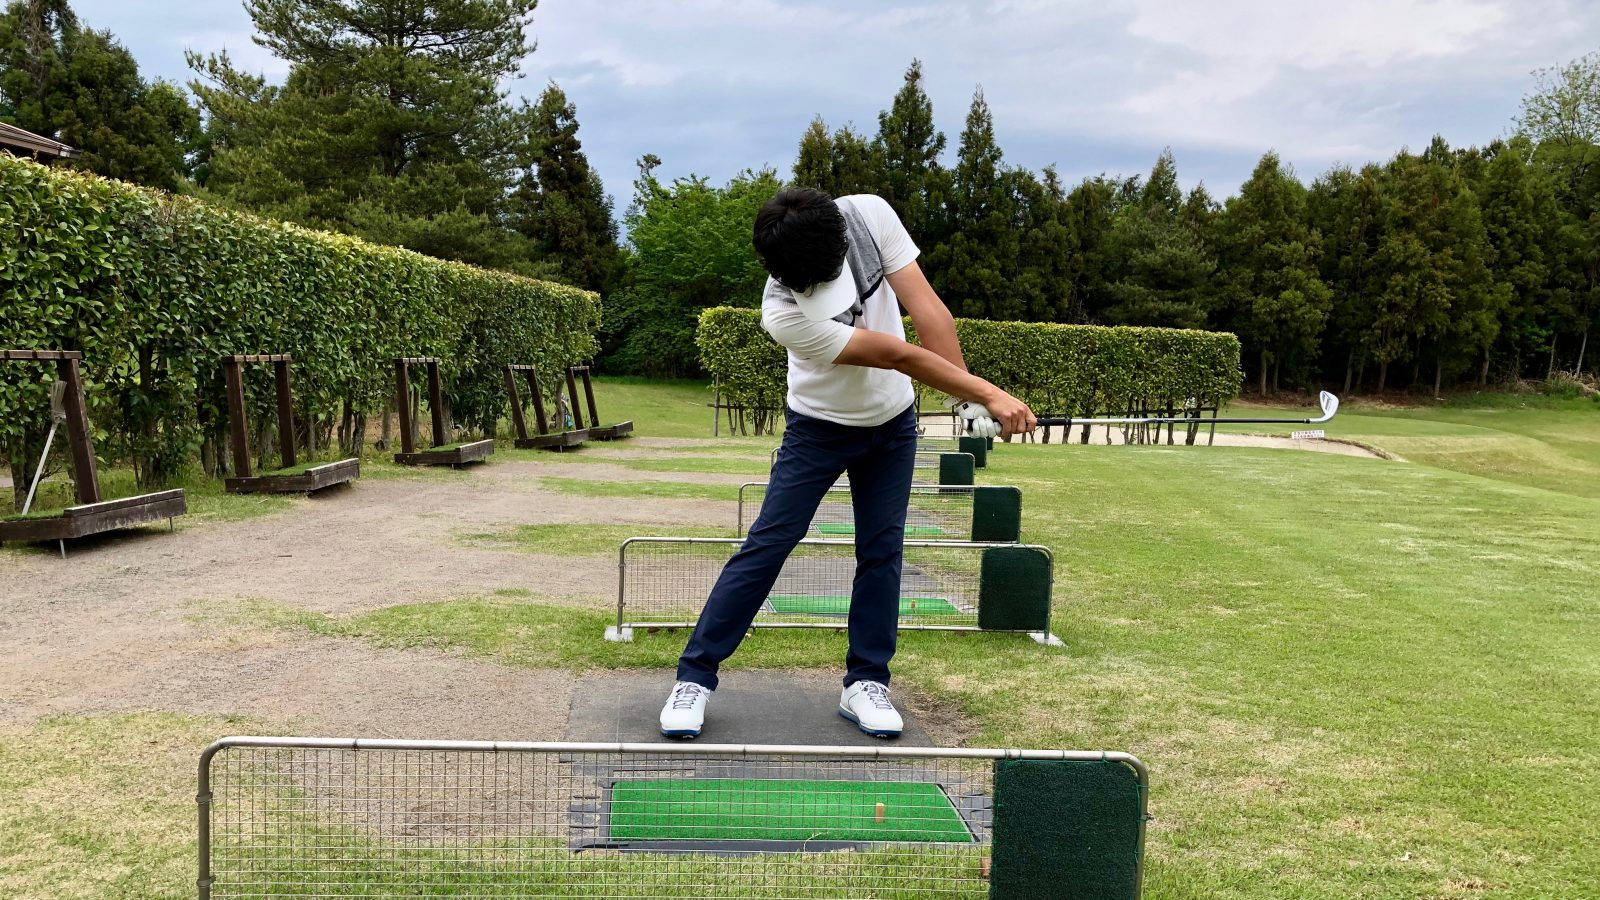 スロー ゴルフ スイング